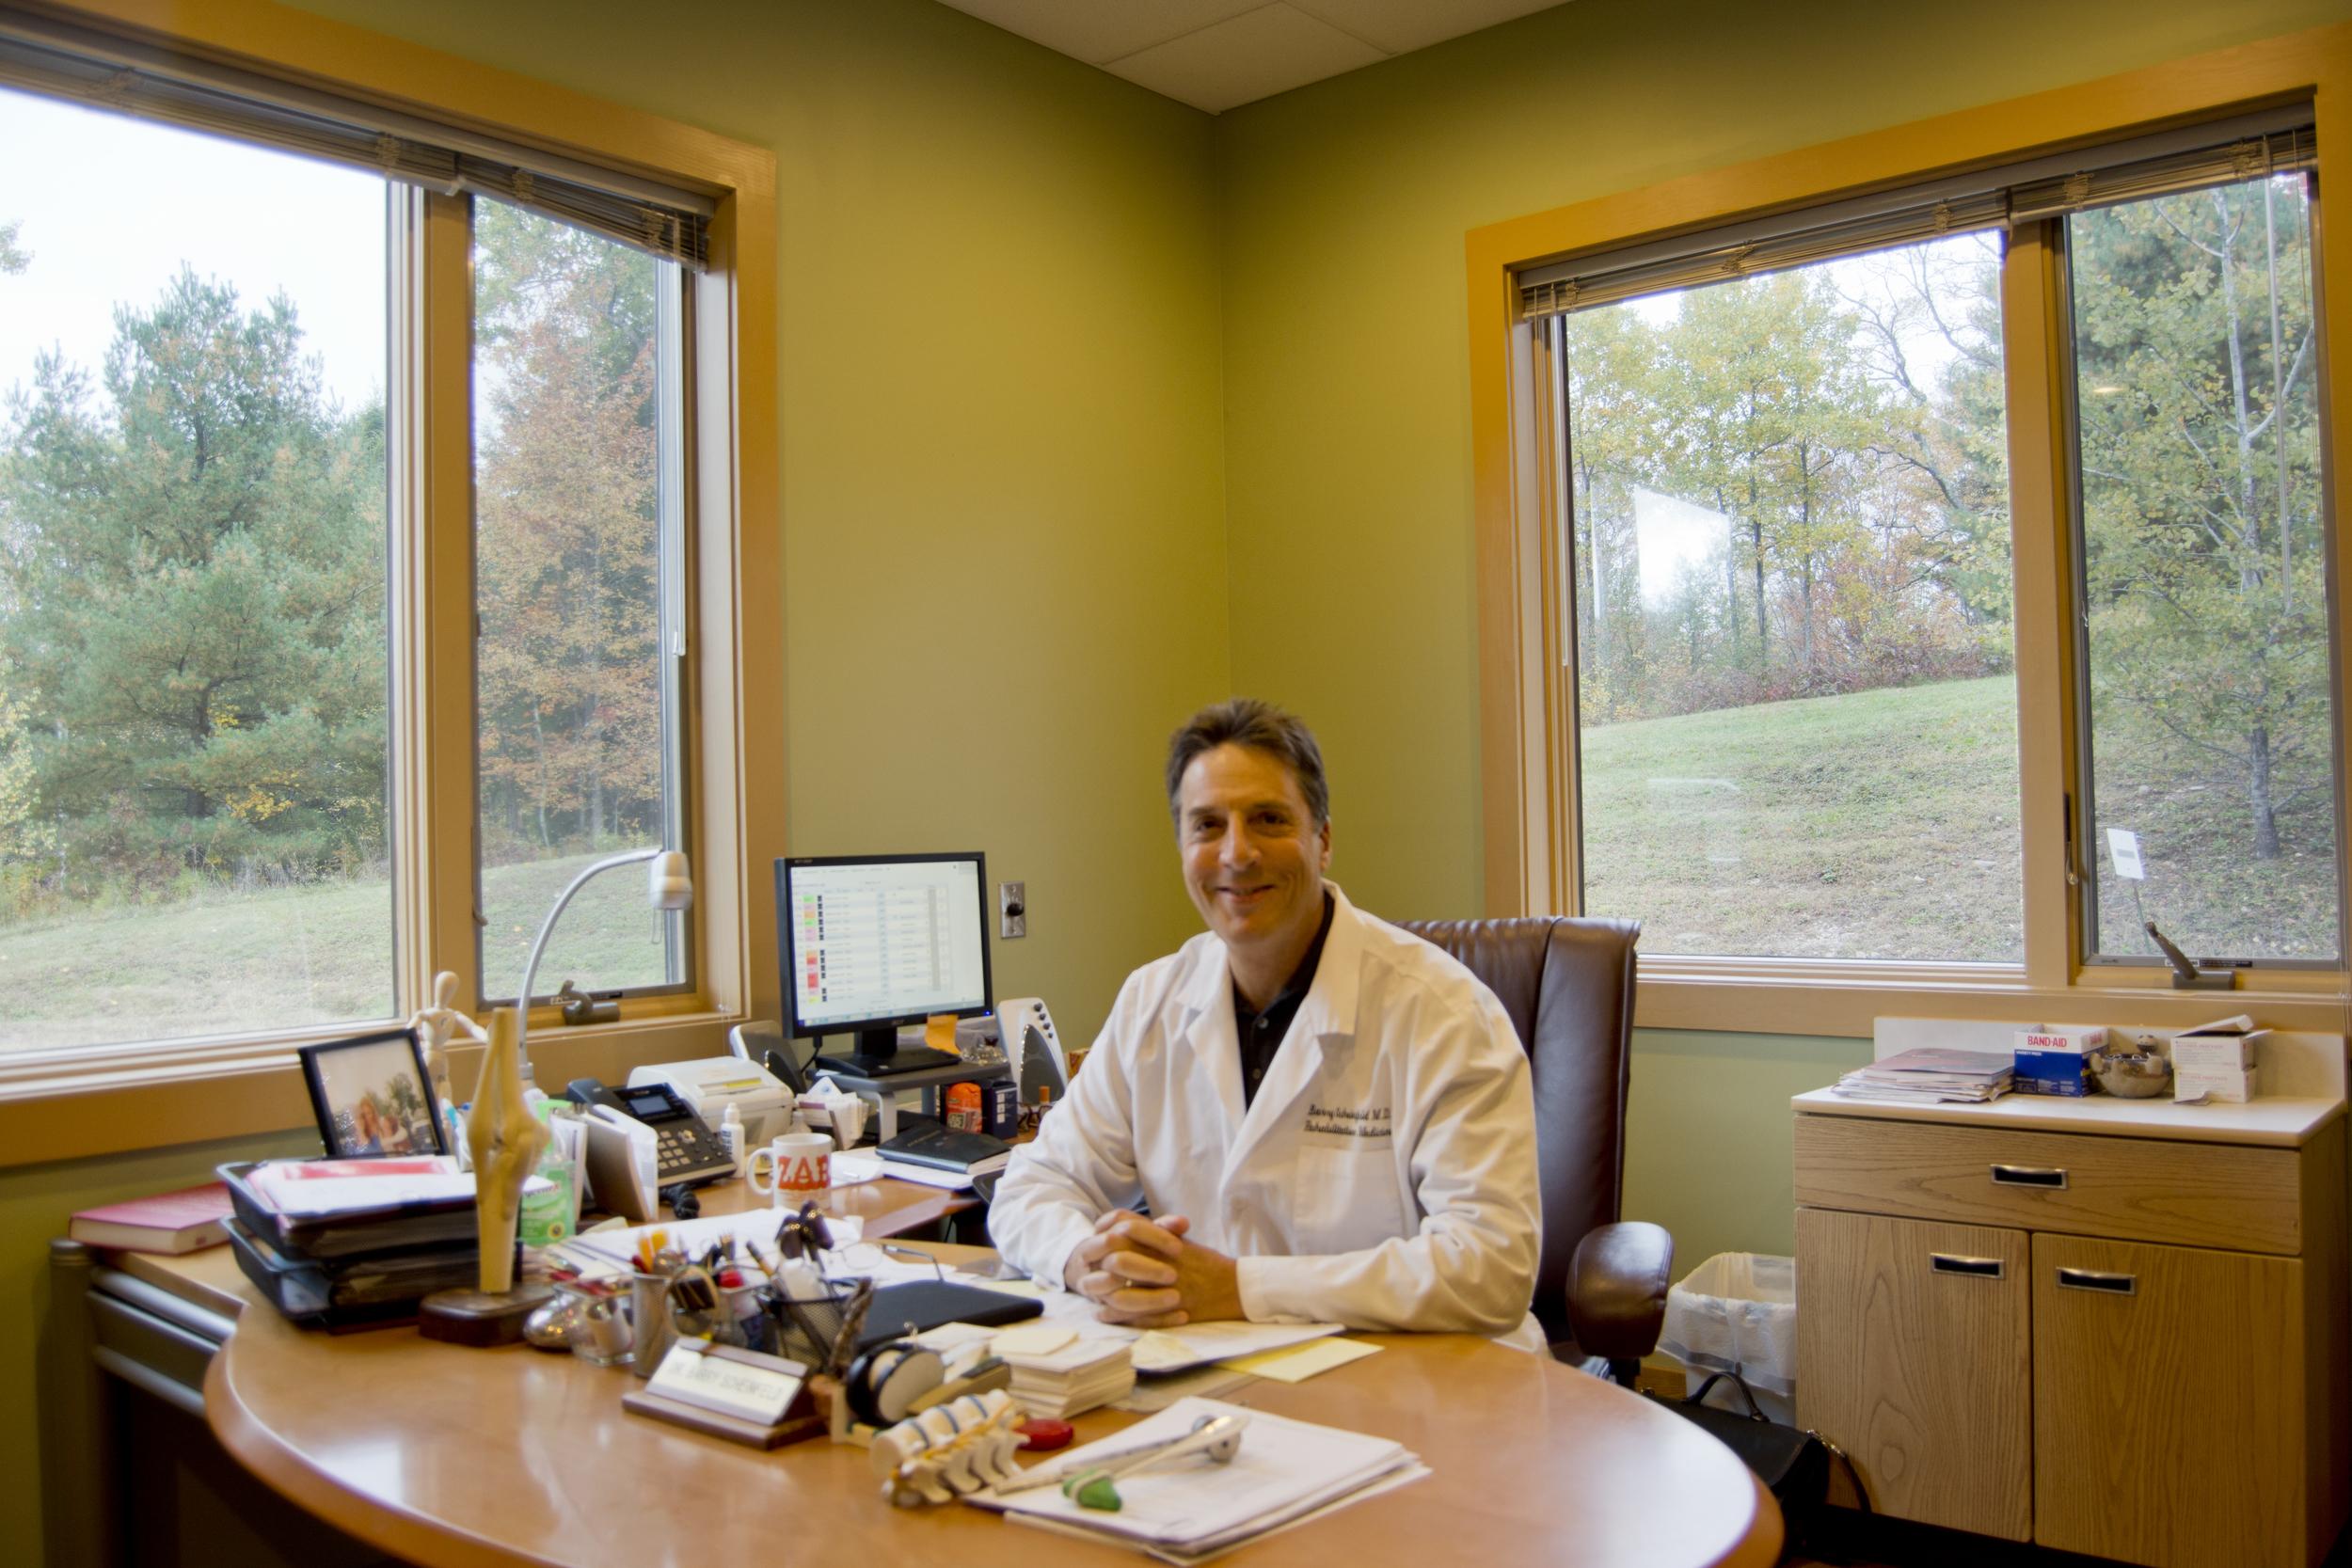 Barry Scheinfeld, MD